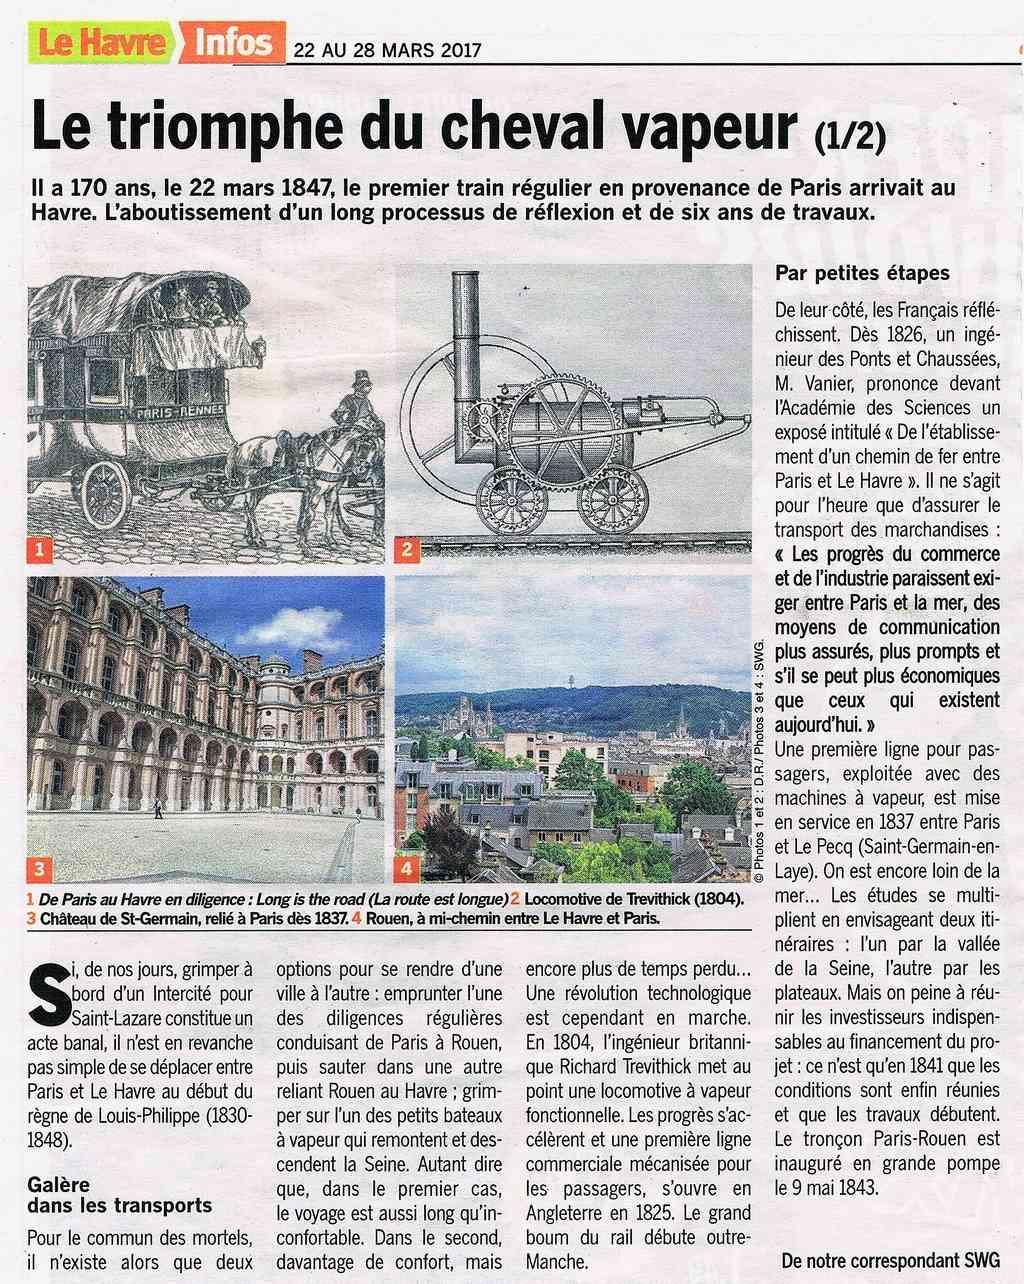 Havre - Paris-Rouen-Le Havre - Le triomphe du cheval vapeur 2017-068